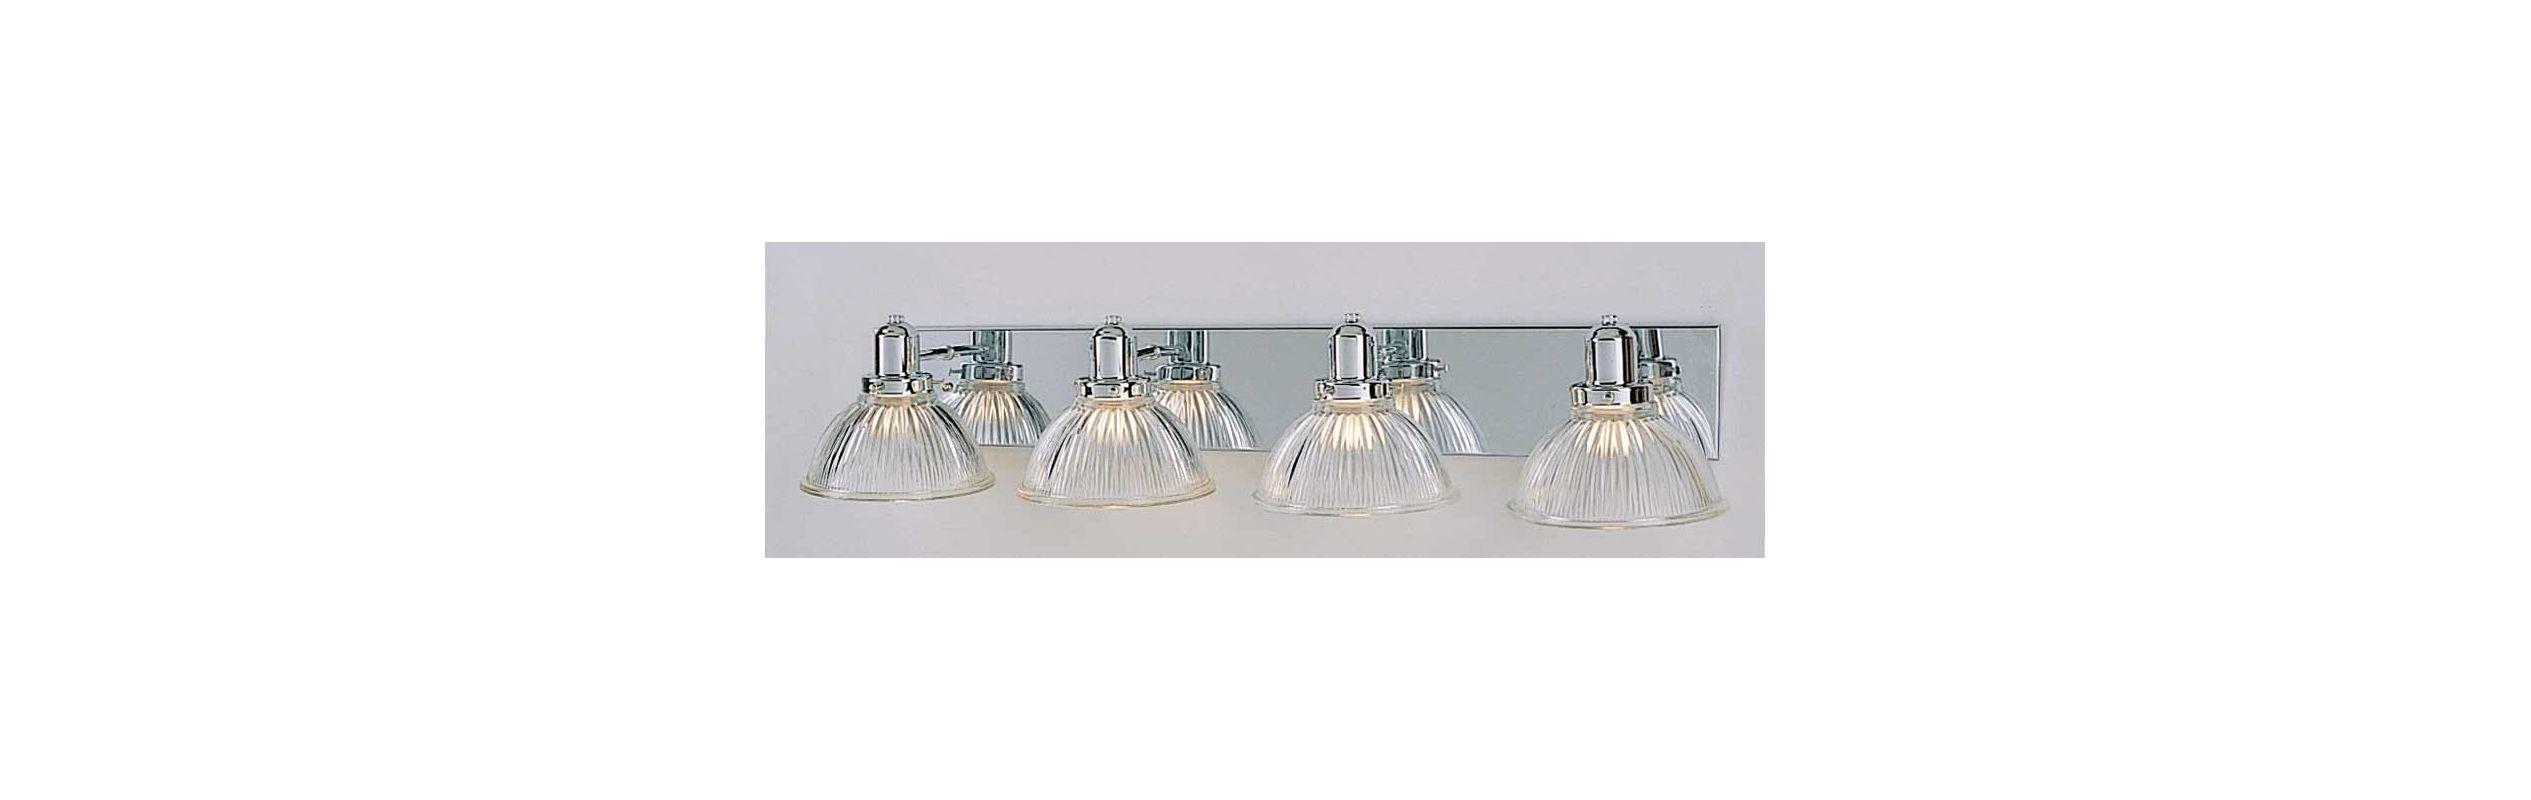 Clear Glass Vanity Light Shades : Volume Lighting V1304-3 Chrome 4 Light 30